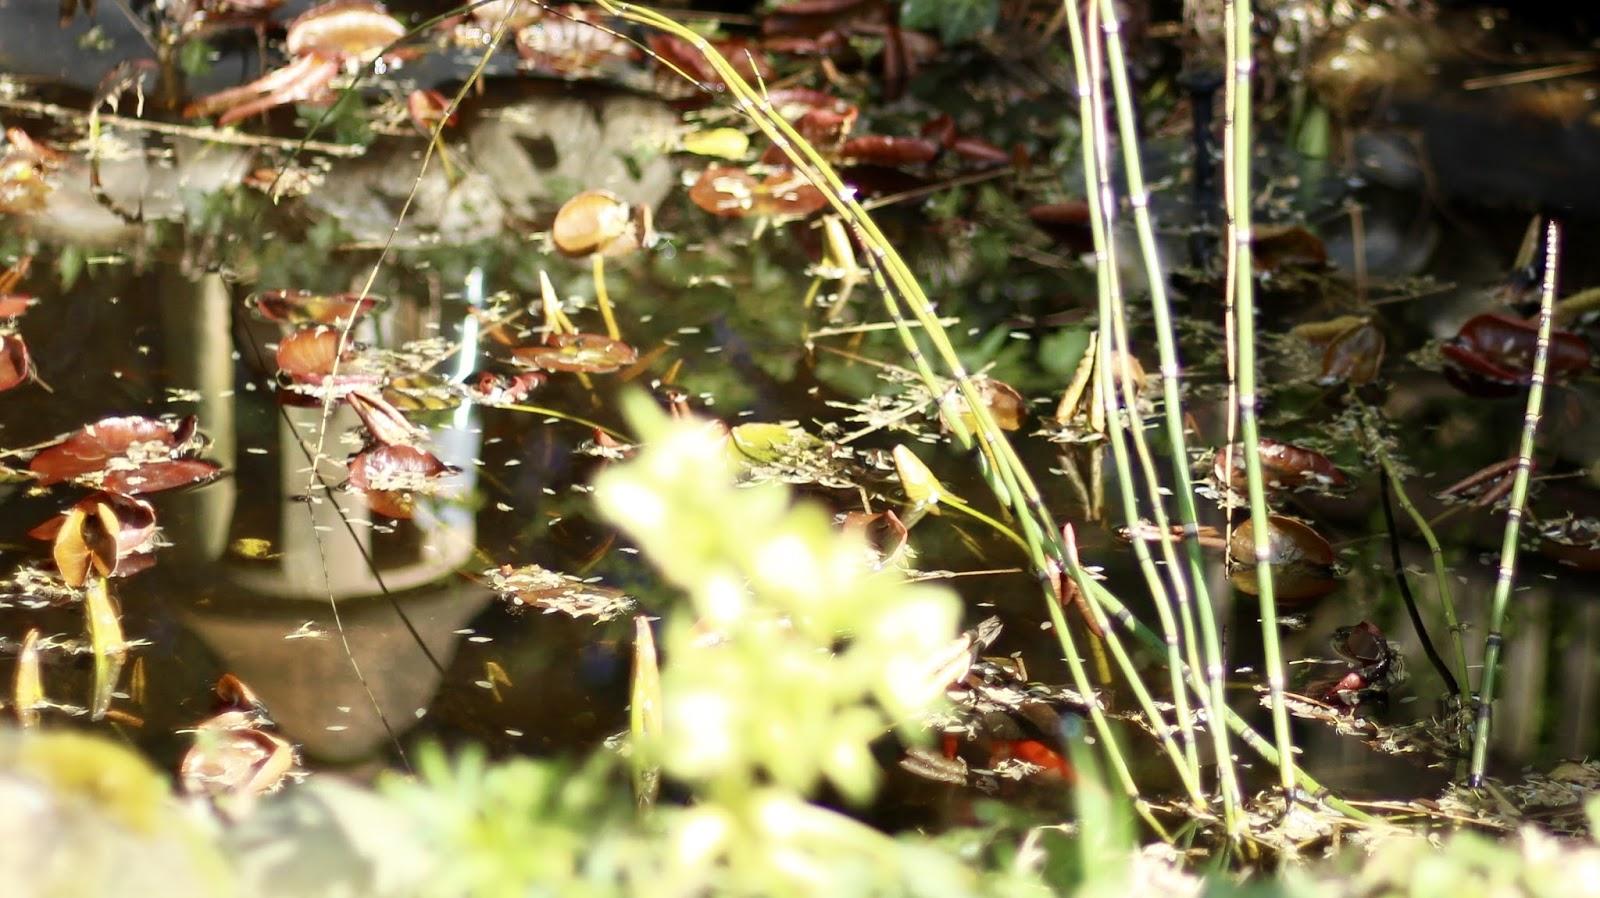 Teich in unserem Garten - mit Molchen, Fröschen, Fischen und Kröten